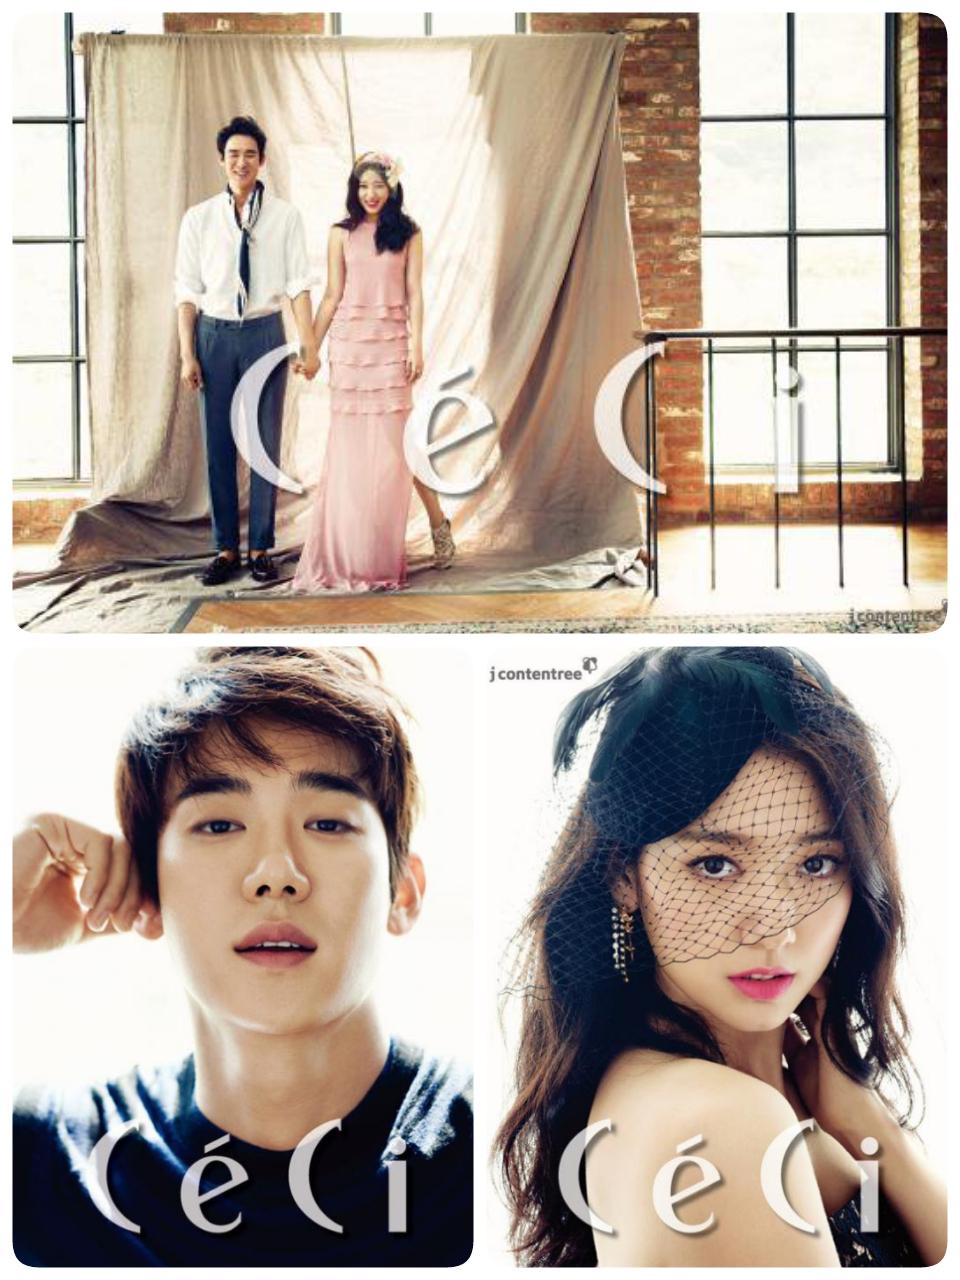 Park-Shin-Hye-and-Yoo-Yun-Suk-Ceci-Magazine-Augu1.jpg